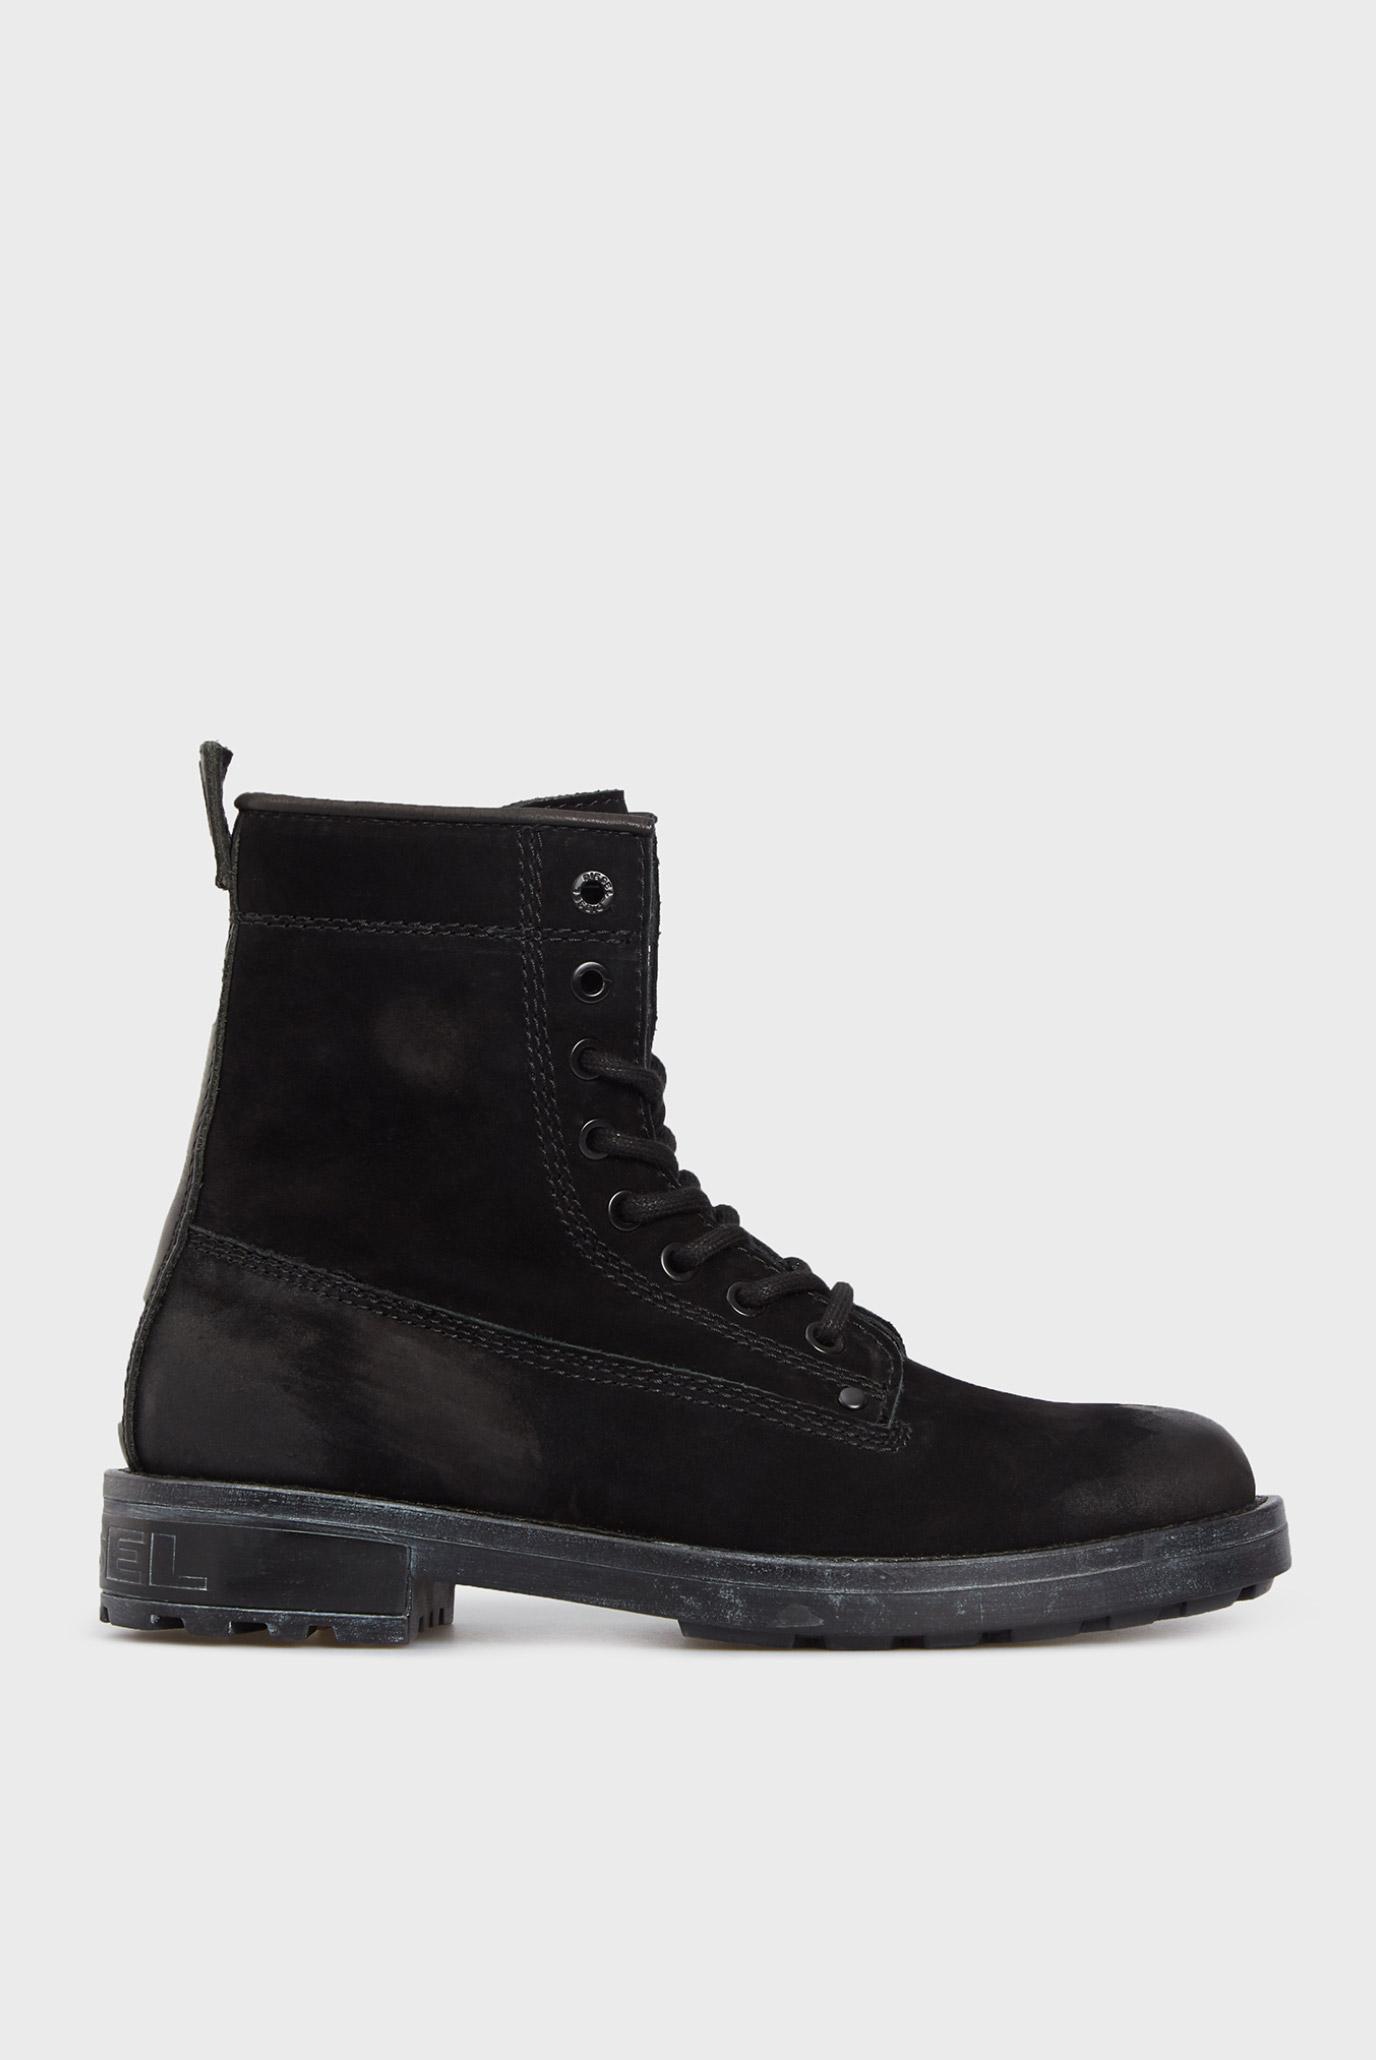 Жіночі чорні шкіряні черевики THROUPER 1